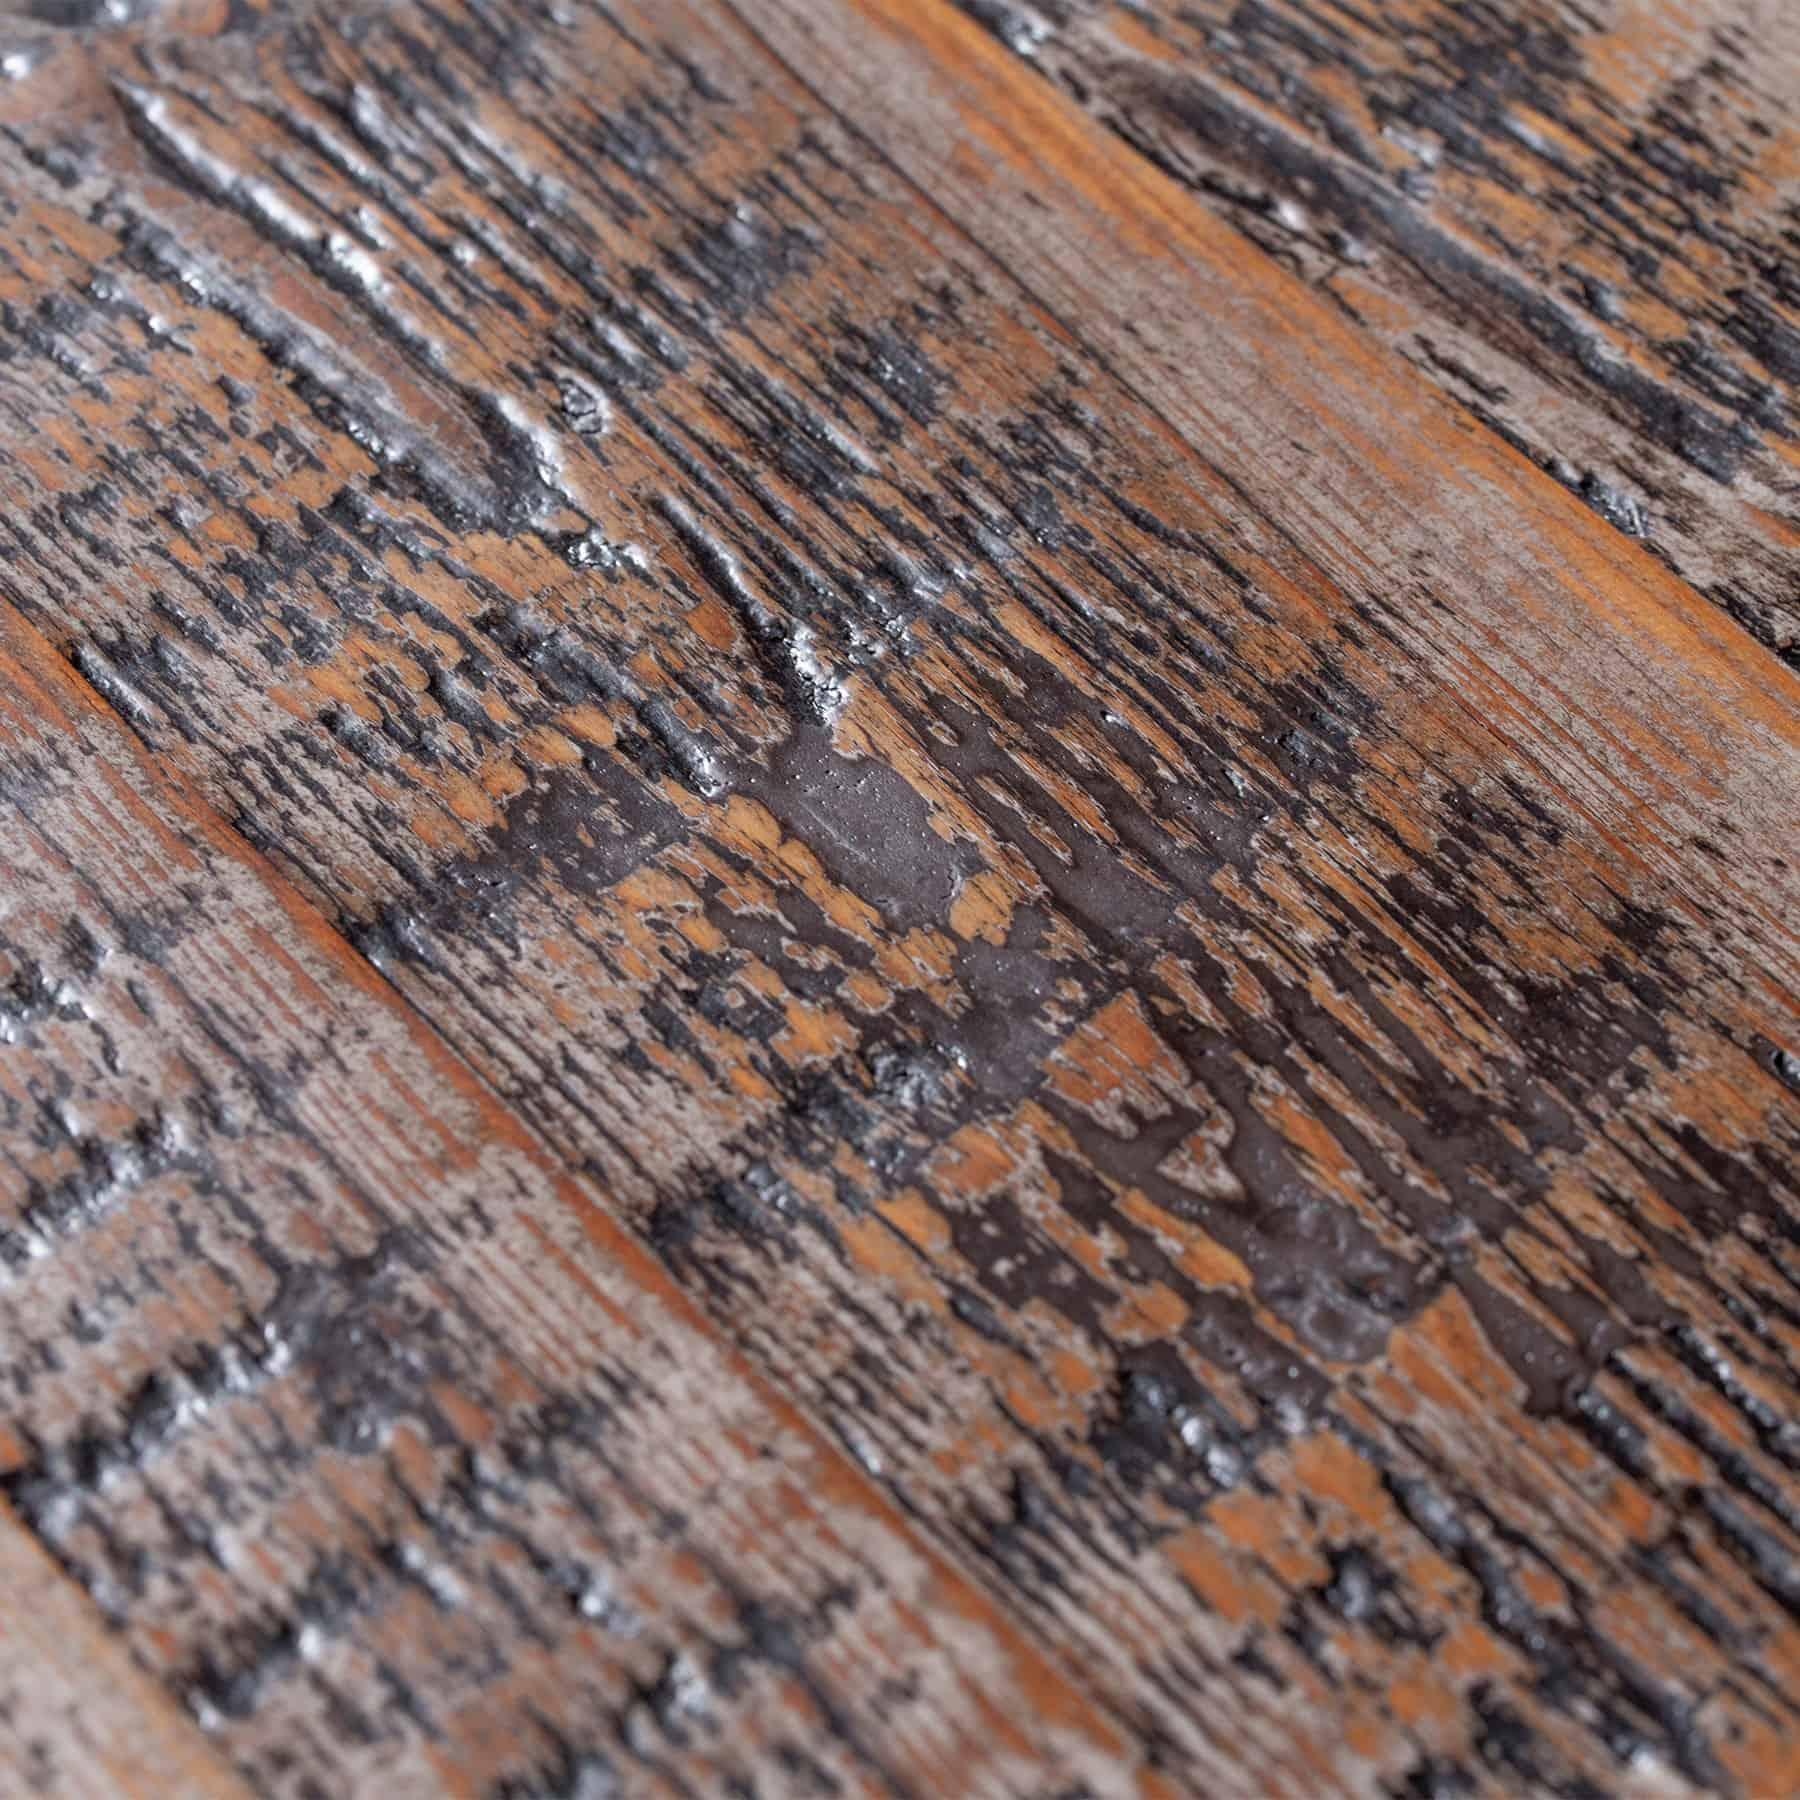 Patina sậm màu trên gỗ